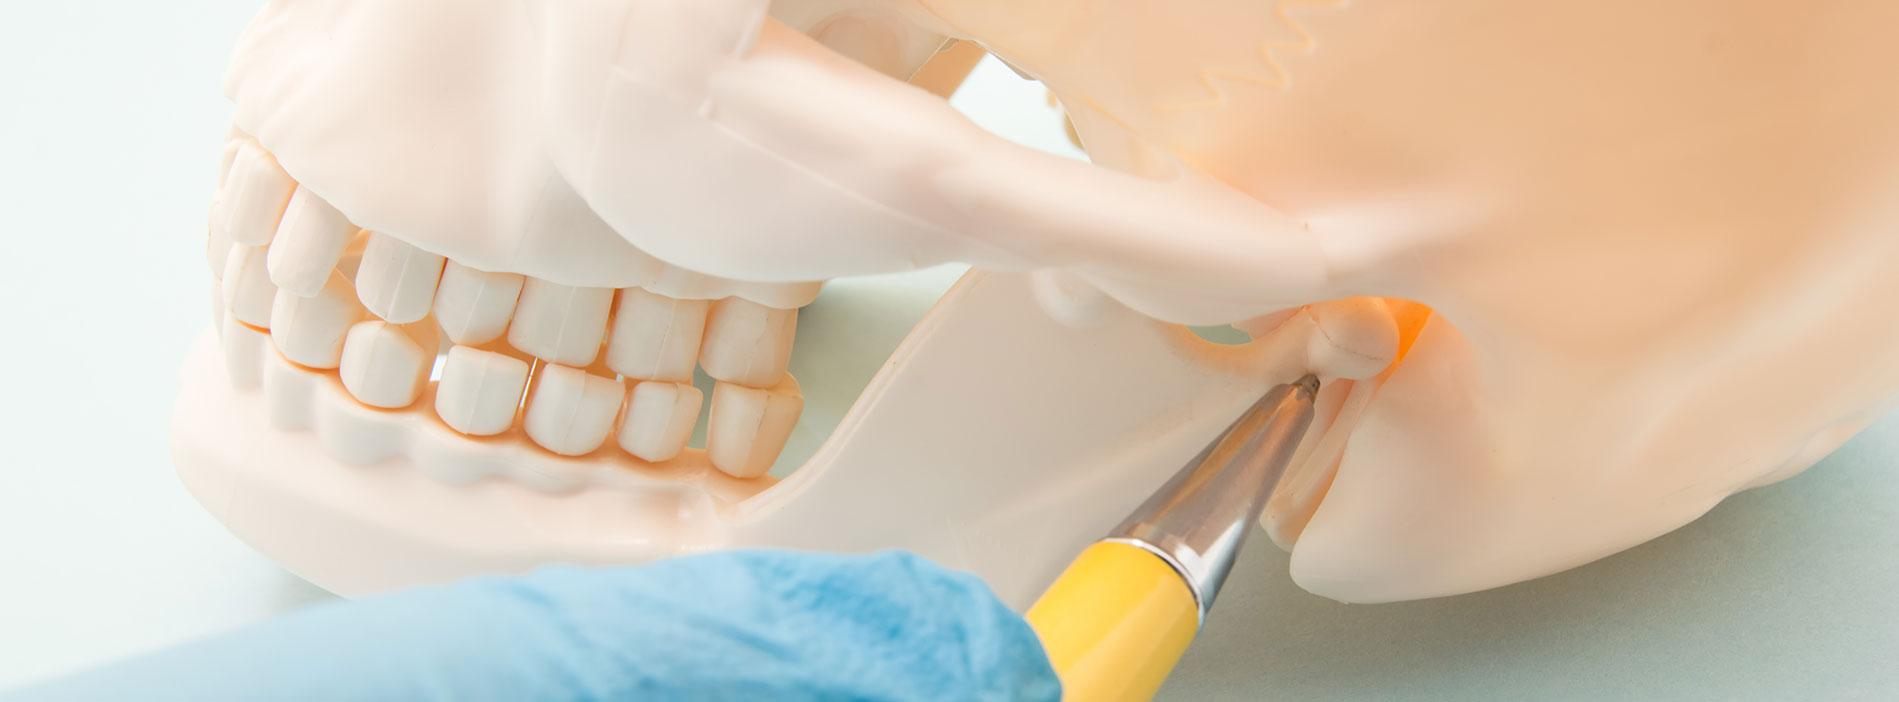 Dentist explaining TMJ treatment